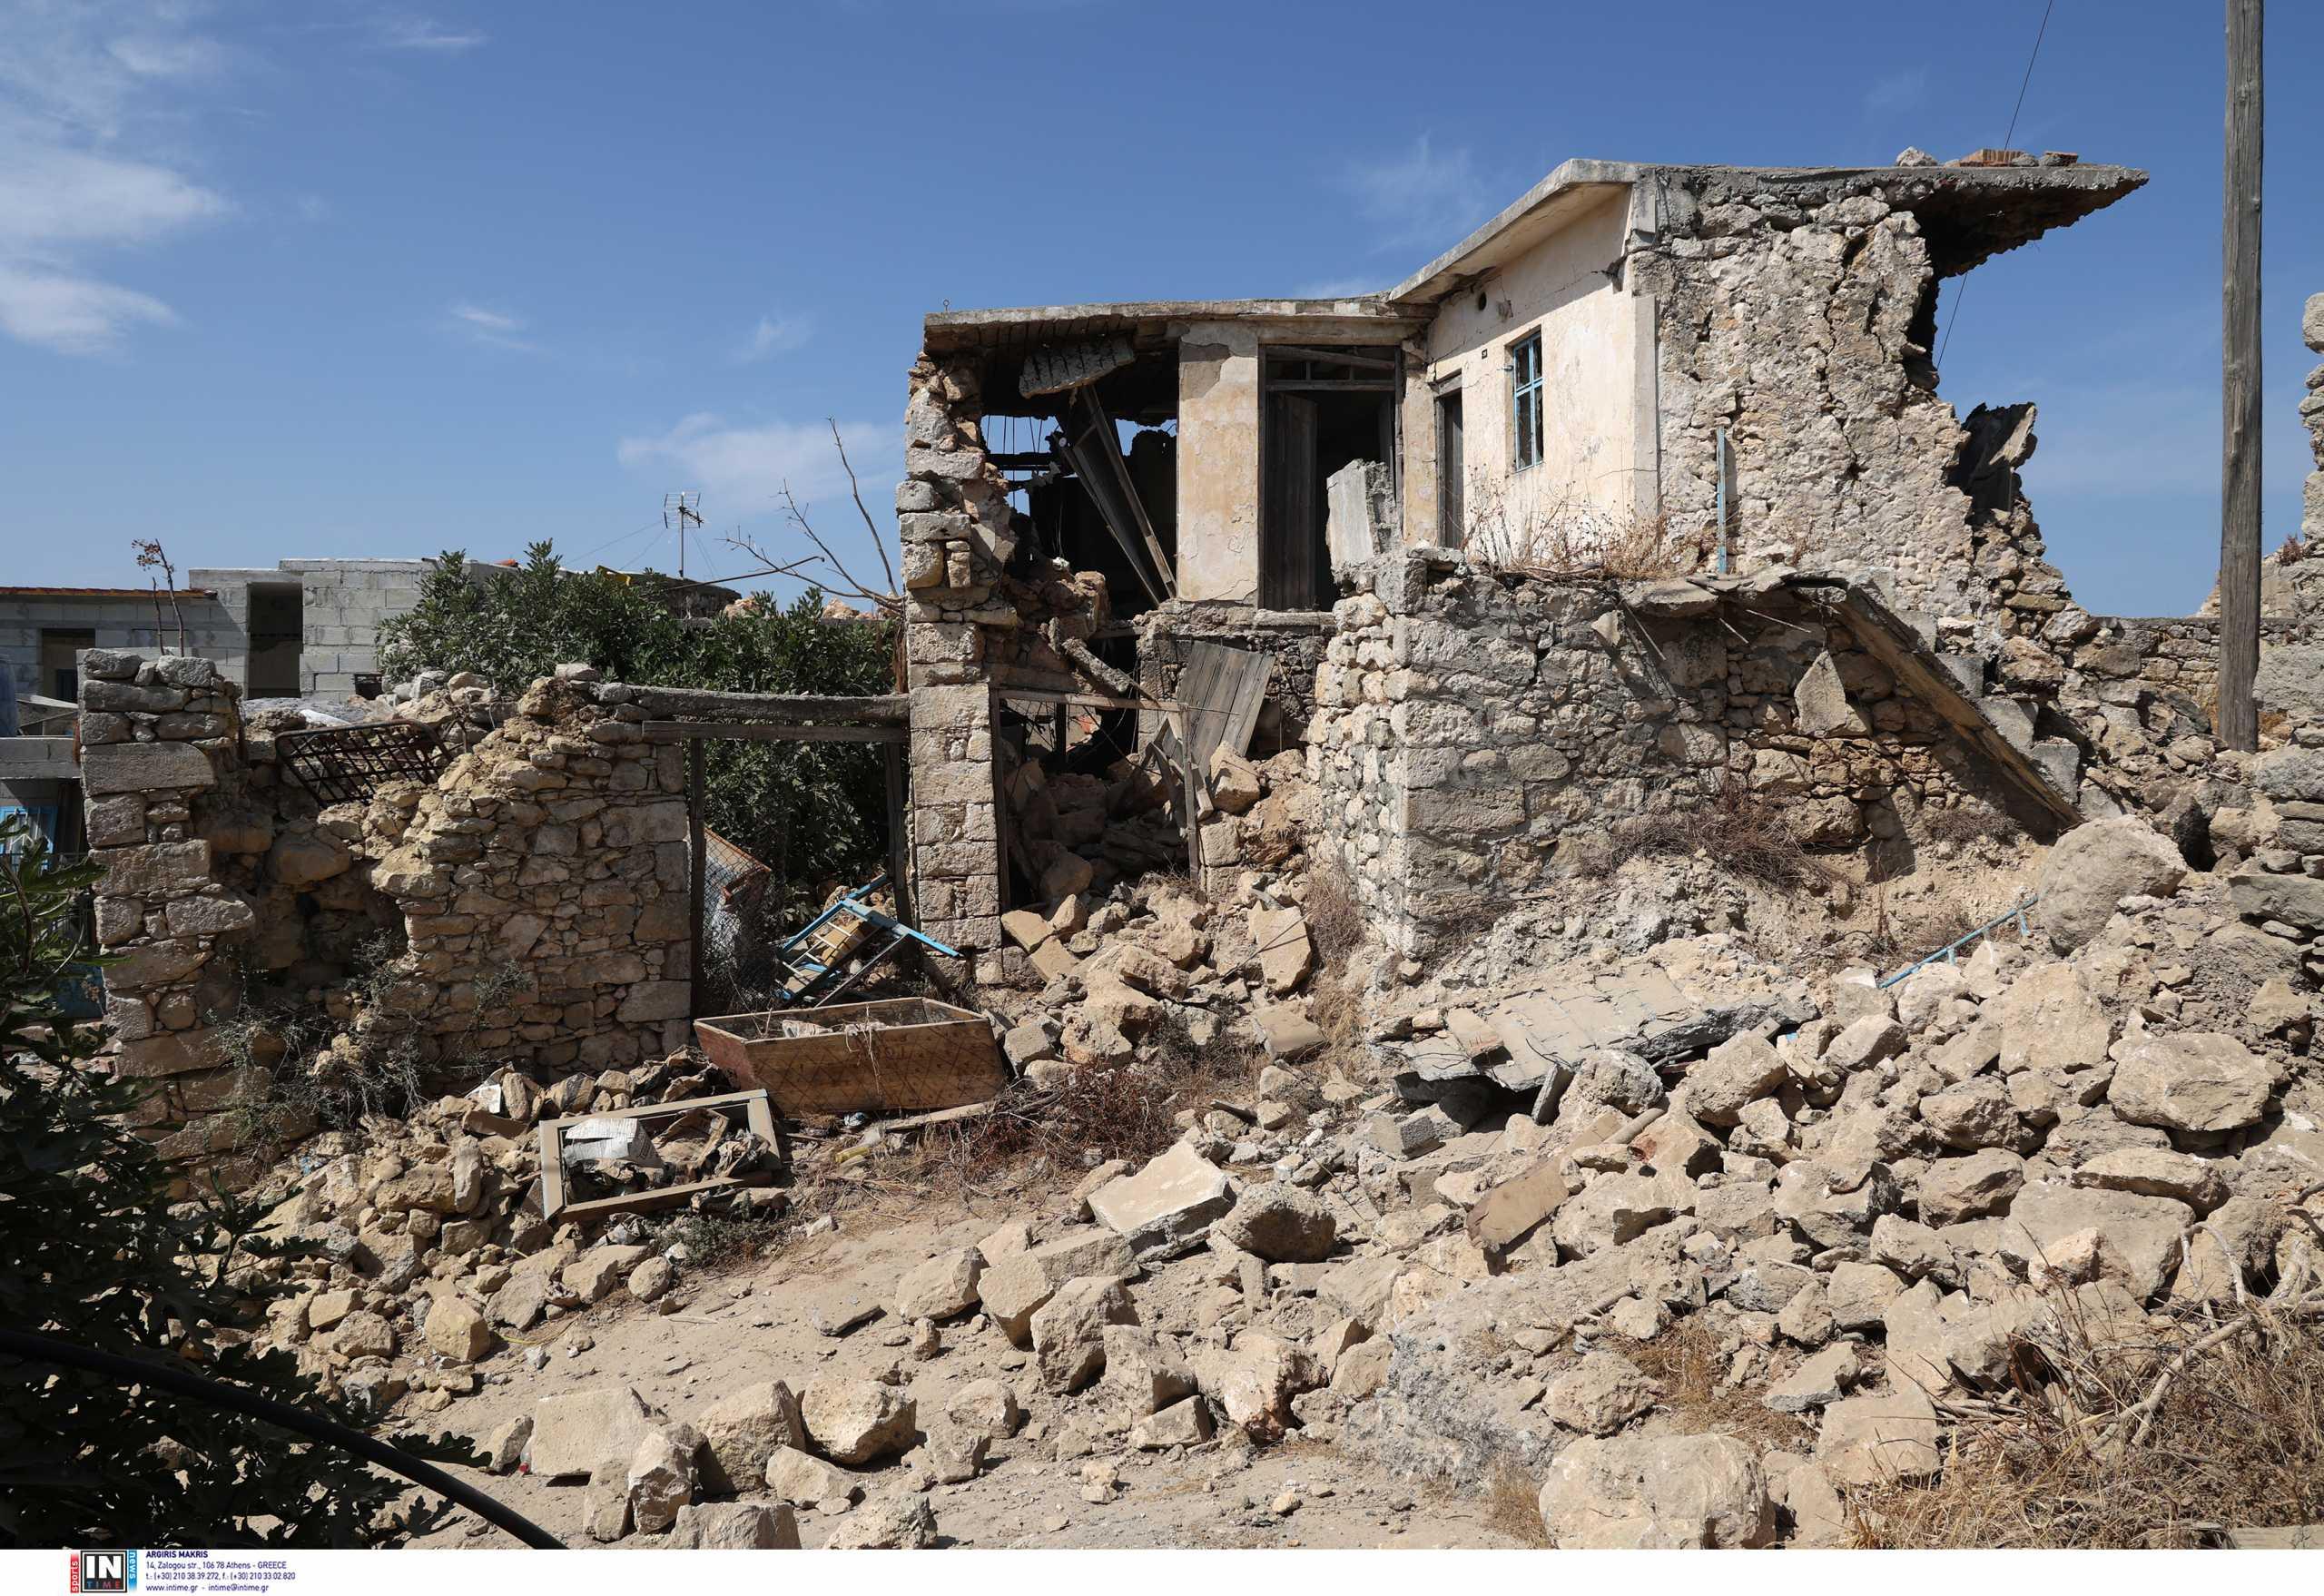 Σεισμός στην Κρήτη: Γιατί έγινε αισθητός στα Χανιά - Εξηγεί ο Φ. Βαλλιανάτος